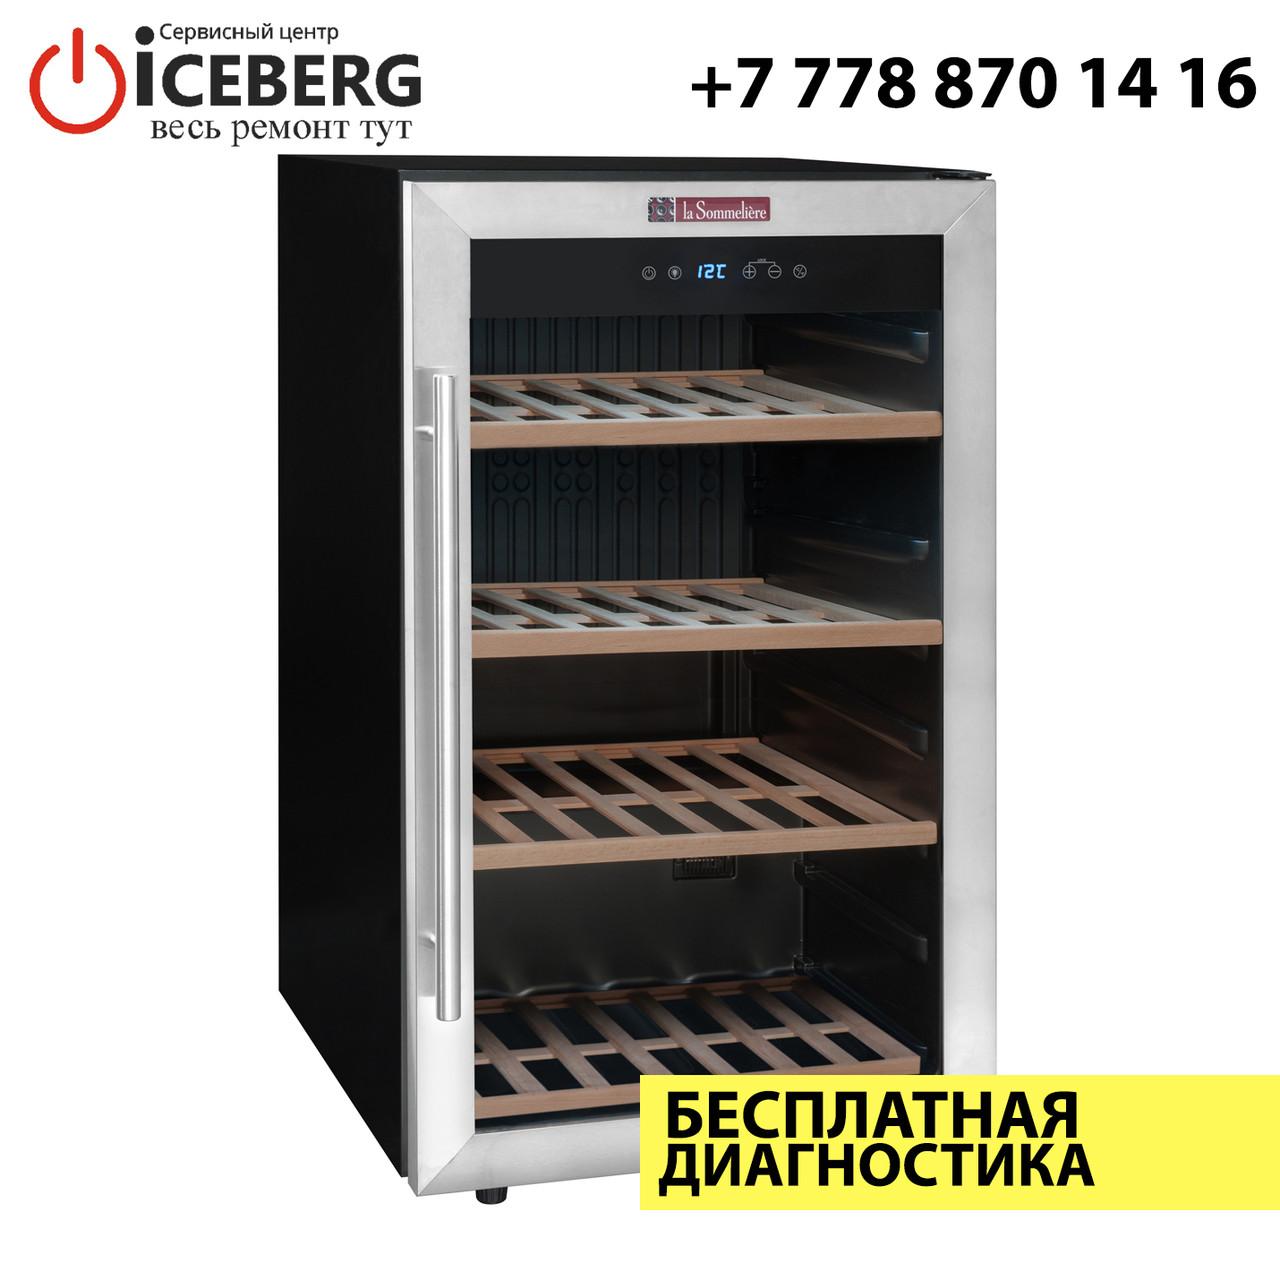 Ремонт винных холодильников La Sommeliere